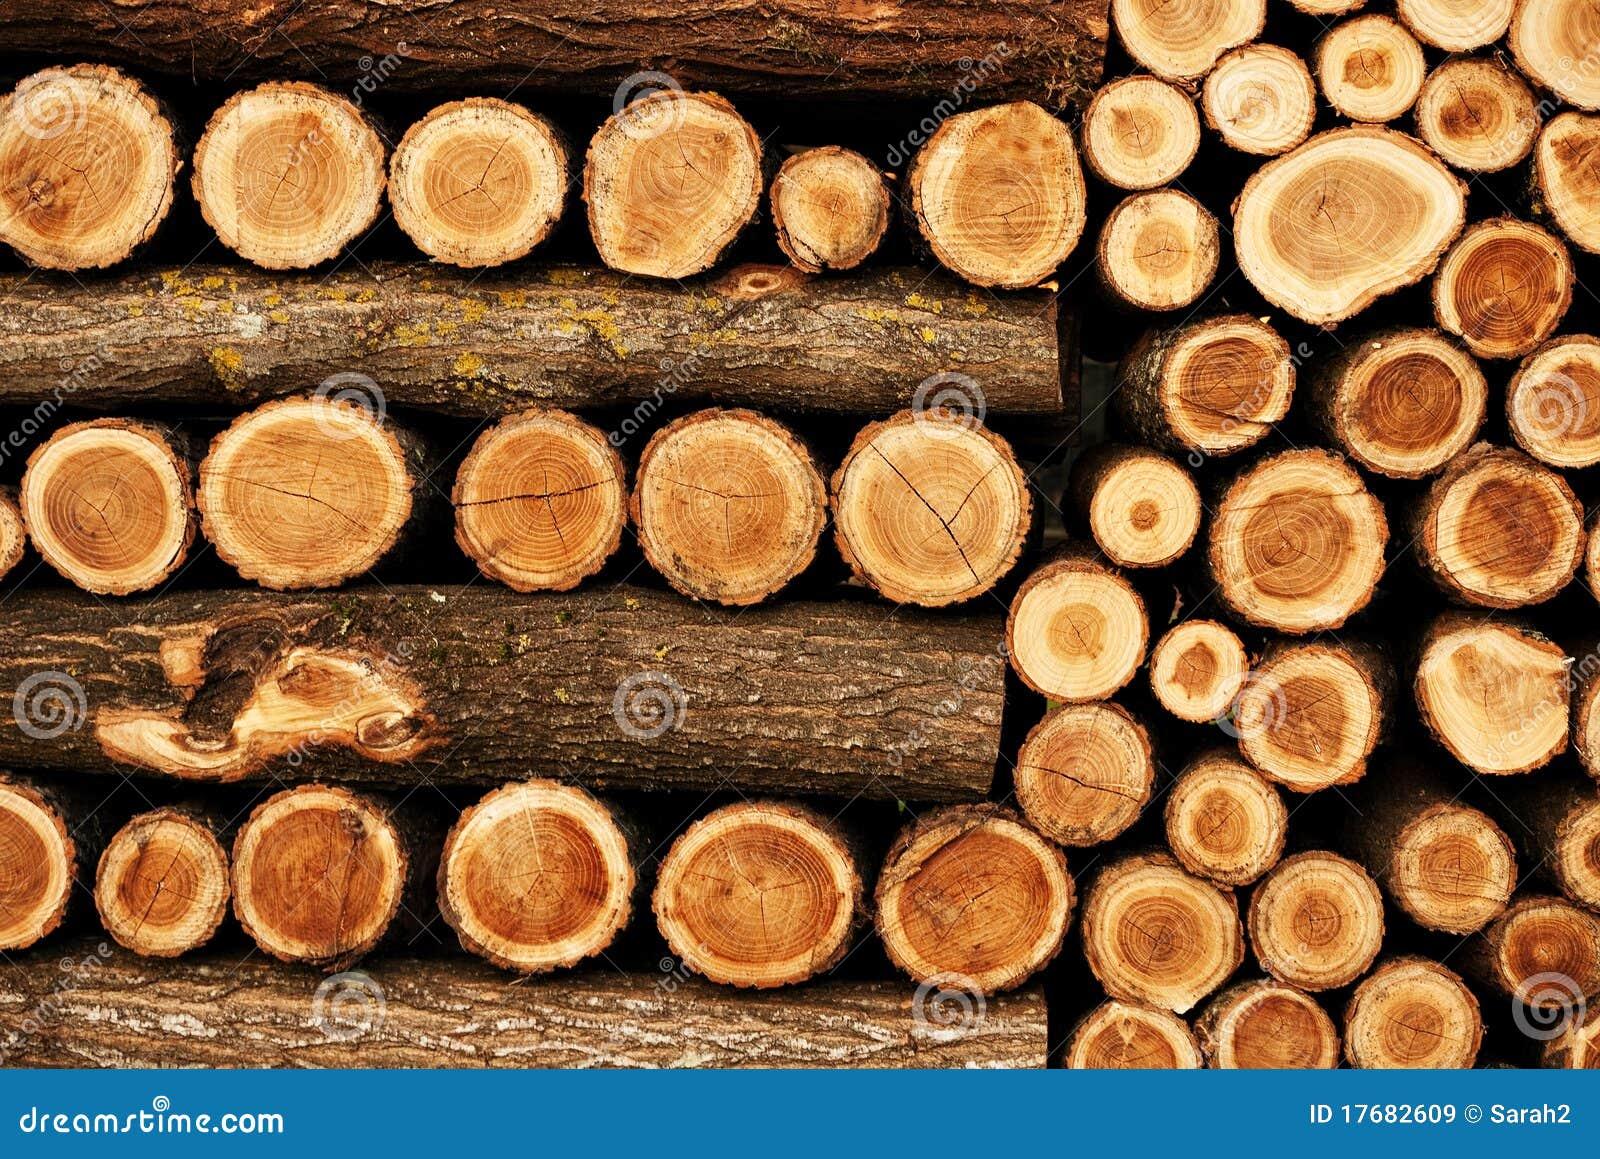 Pięknie rozkazywać woodpile